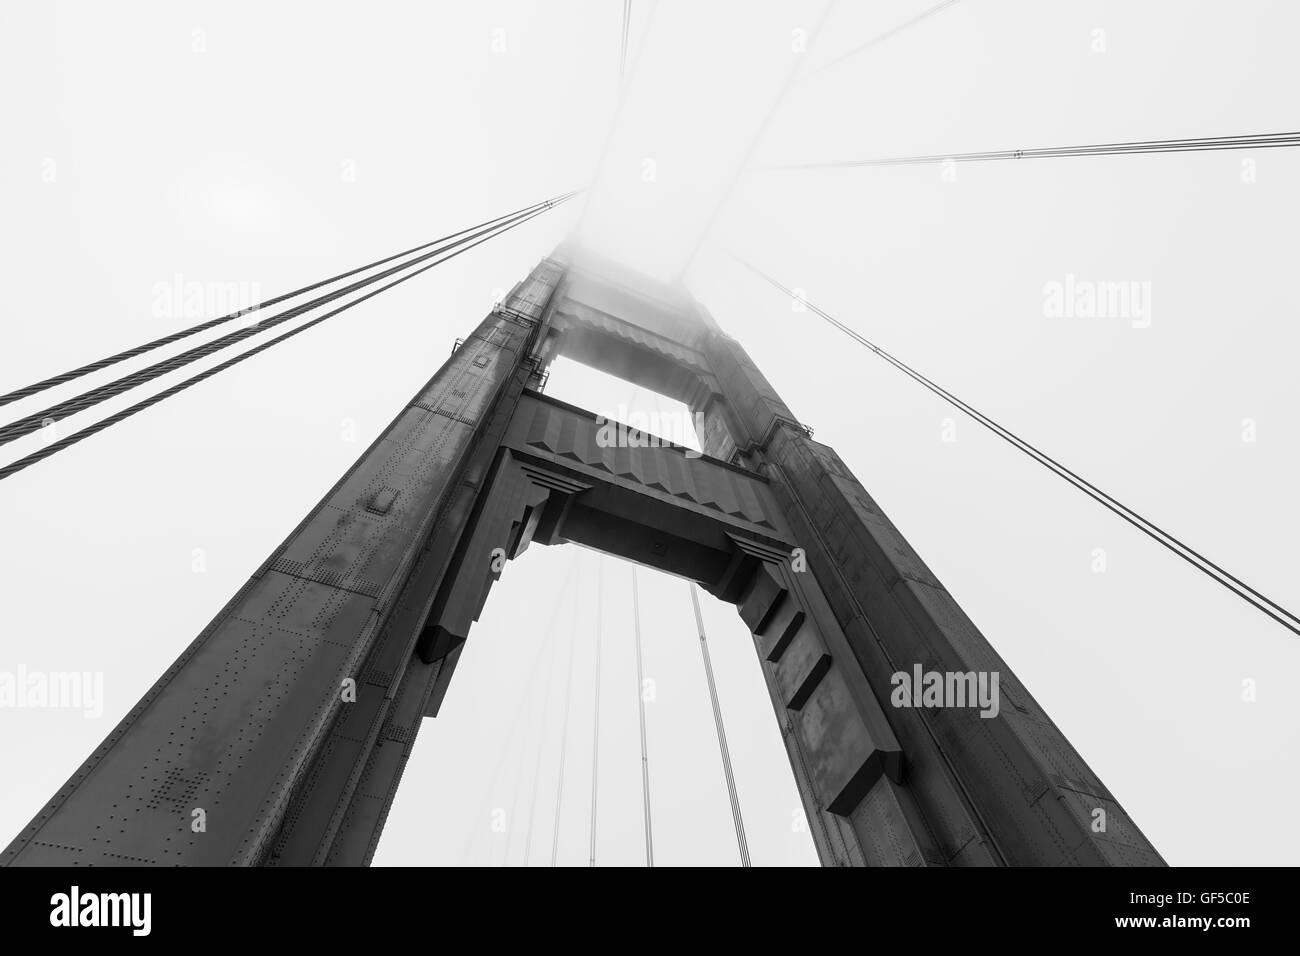 Golden Gate Bridge Tower qui sortent d'emblématique de la baie de San Francisco fog bank en noir et blanc. Photo Stock